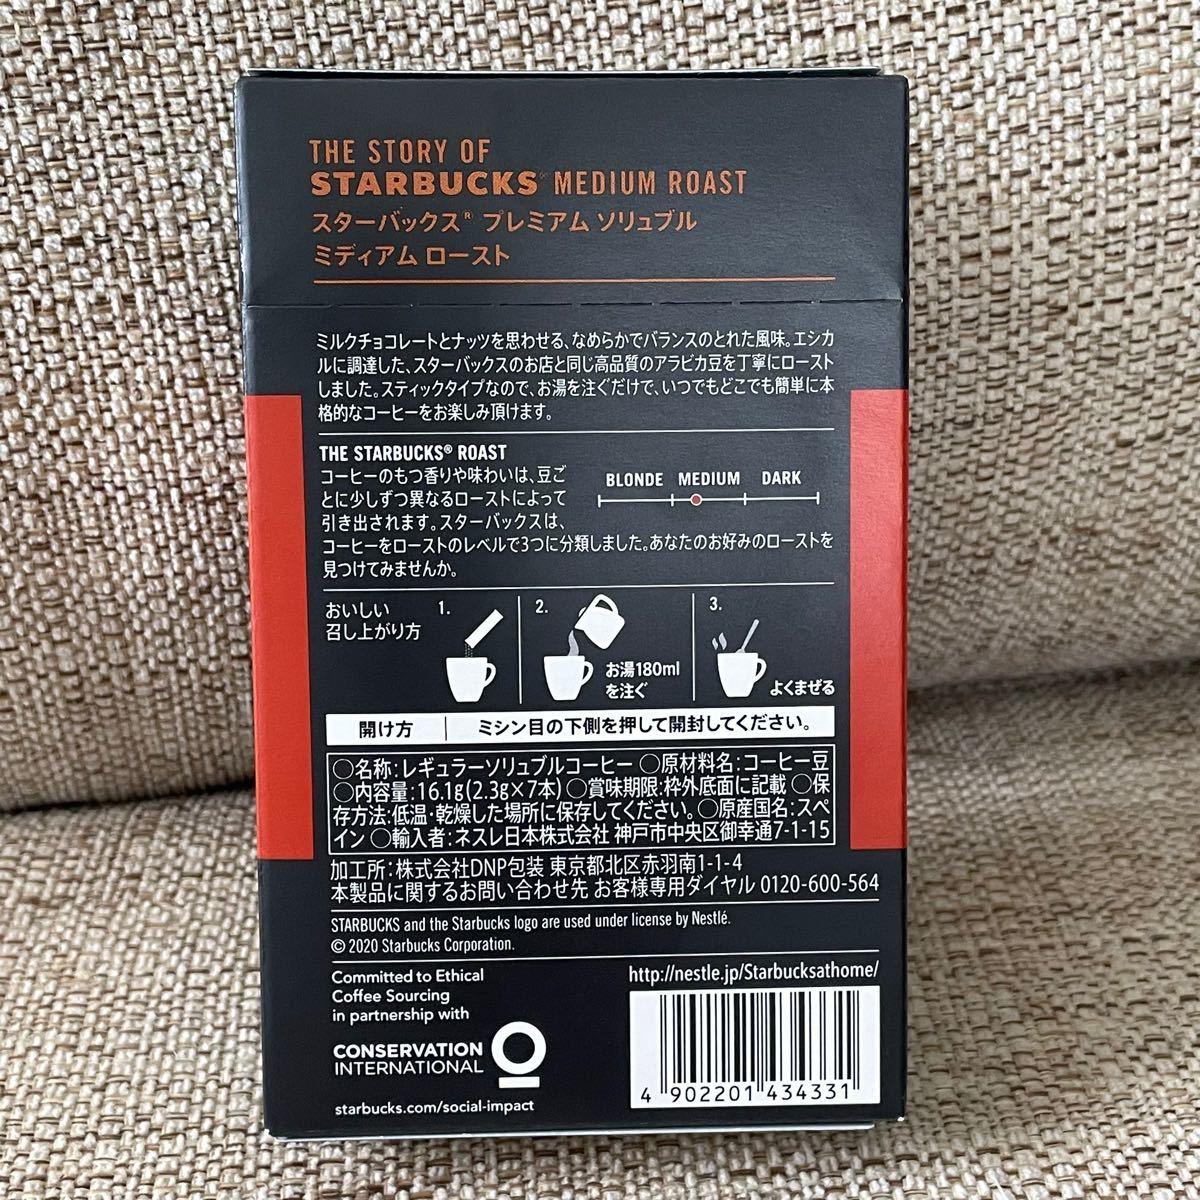 スターバックス コーヒースティック 3種 各7本 合計21本セット